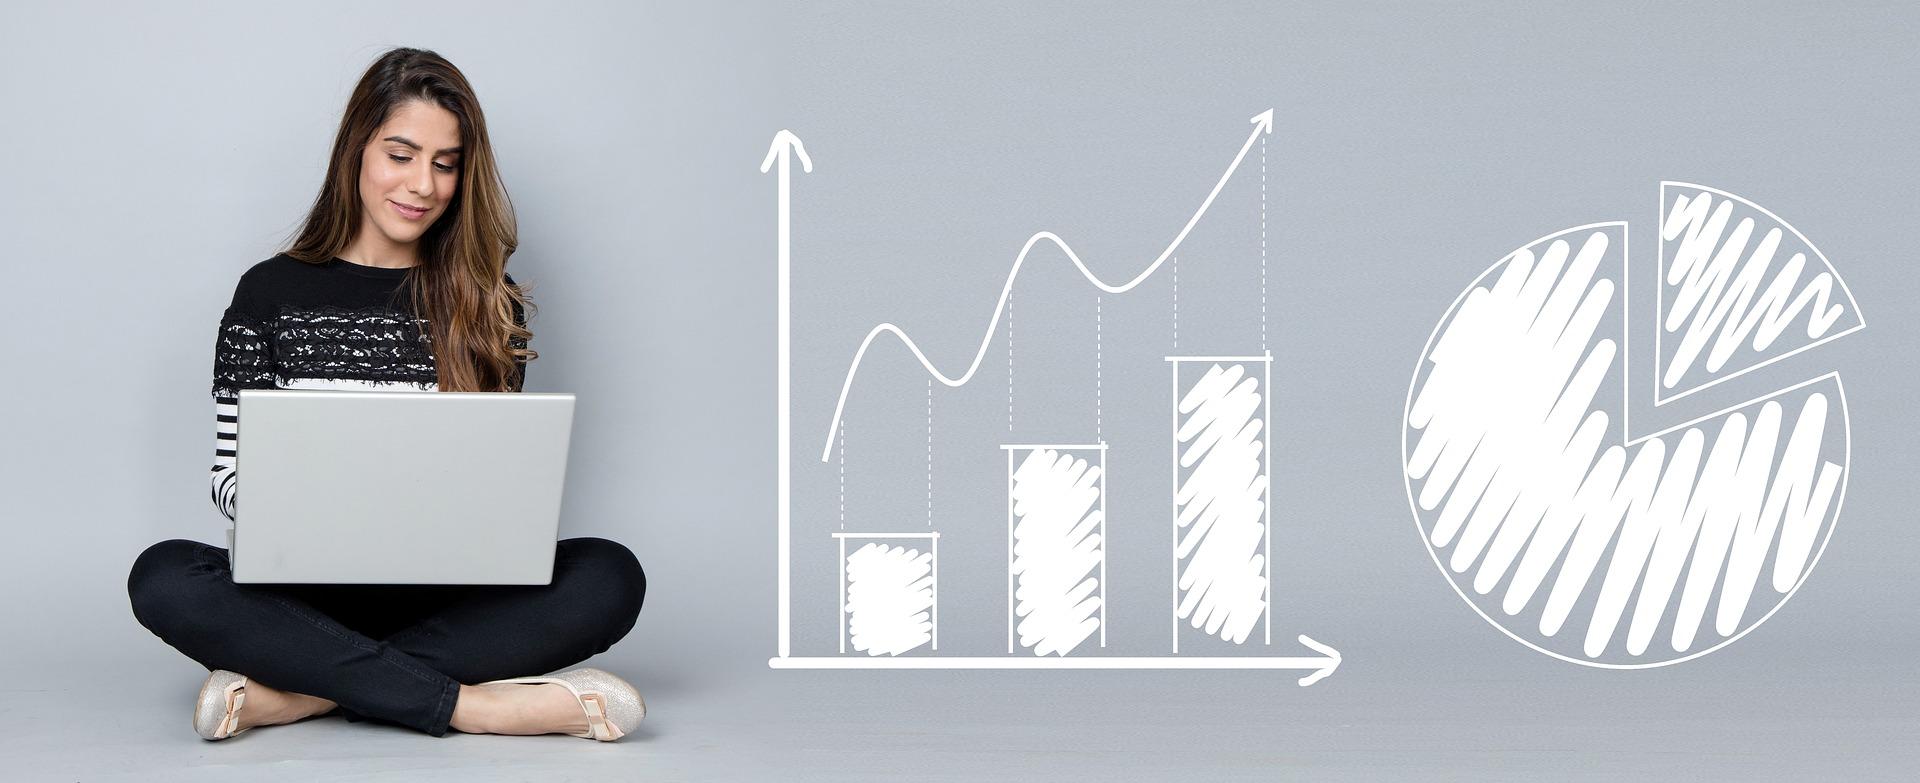 מדוע עסקים ביתיים צריכים ייעוץ פיננסי?